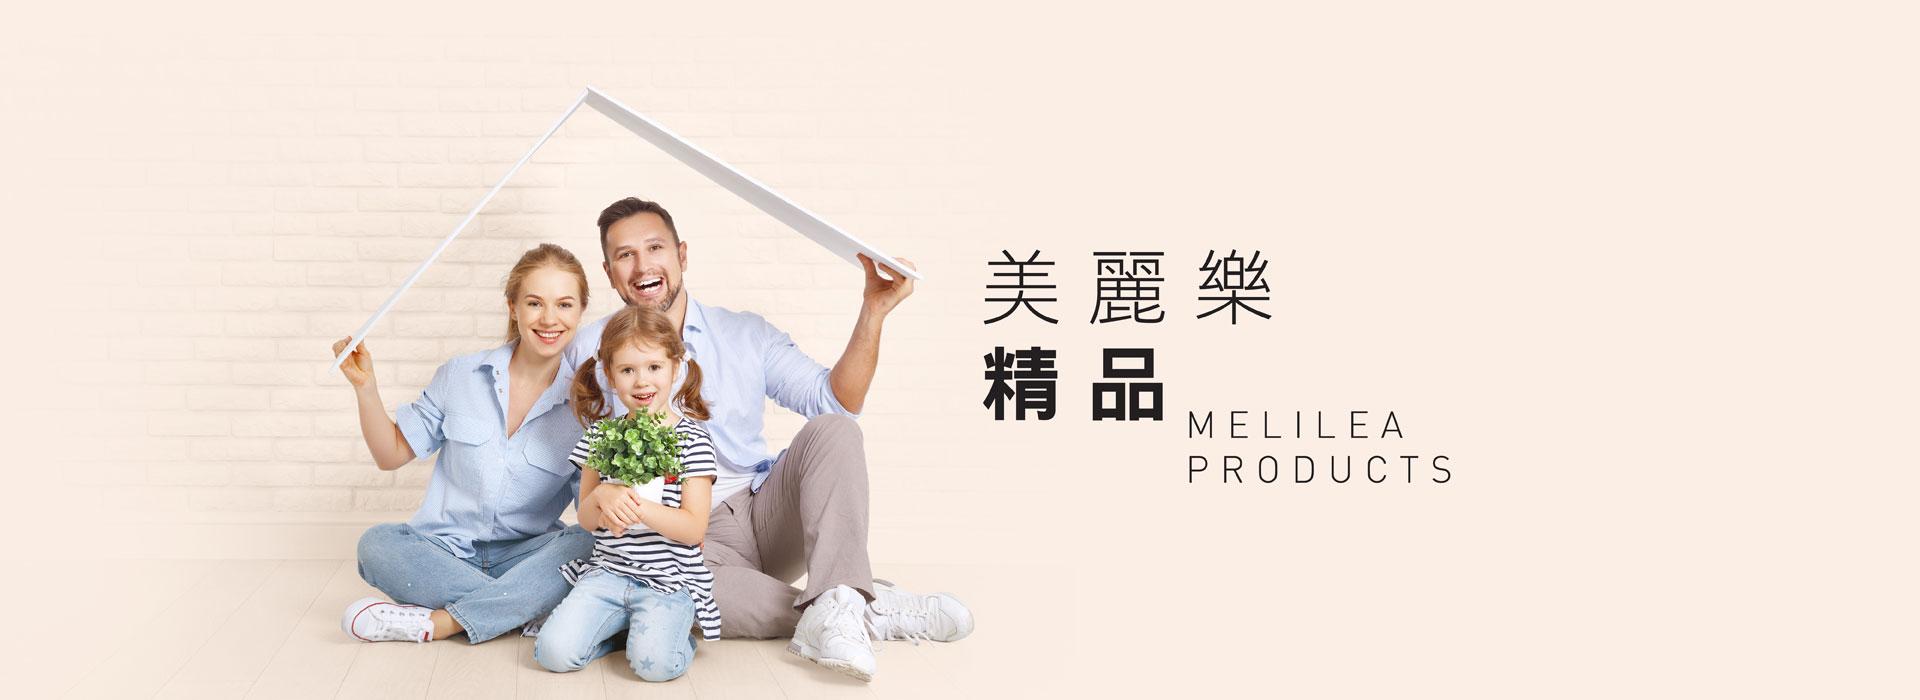 美麗樂精品Banner